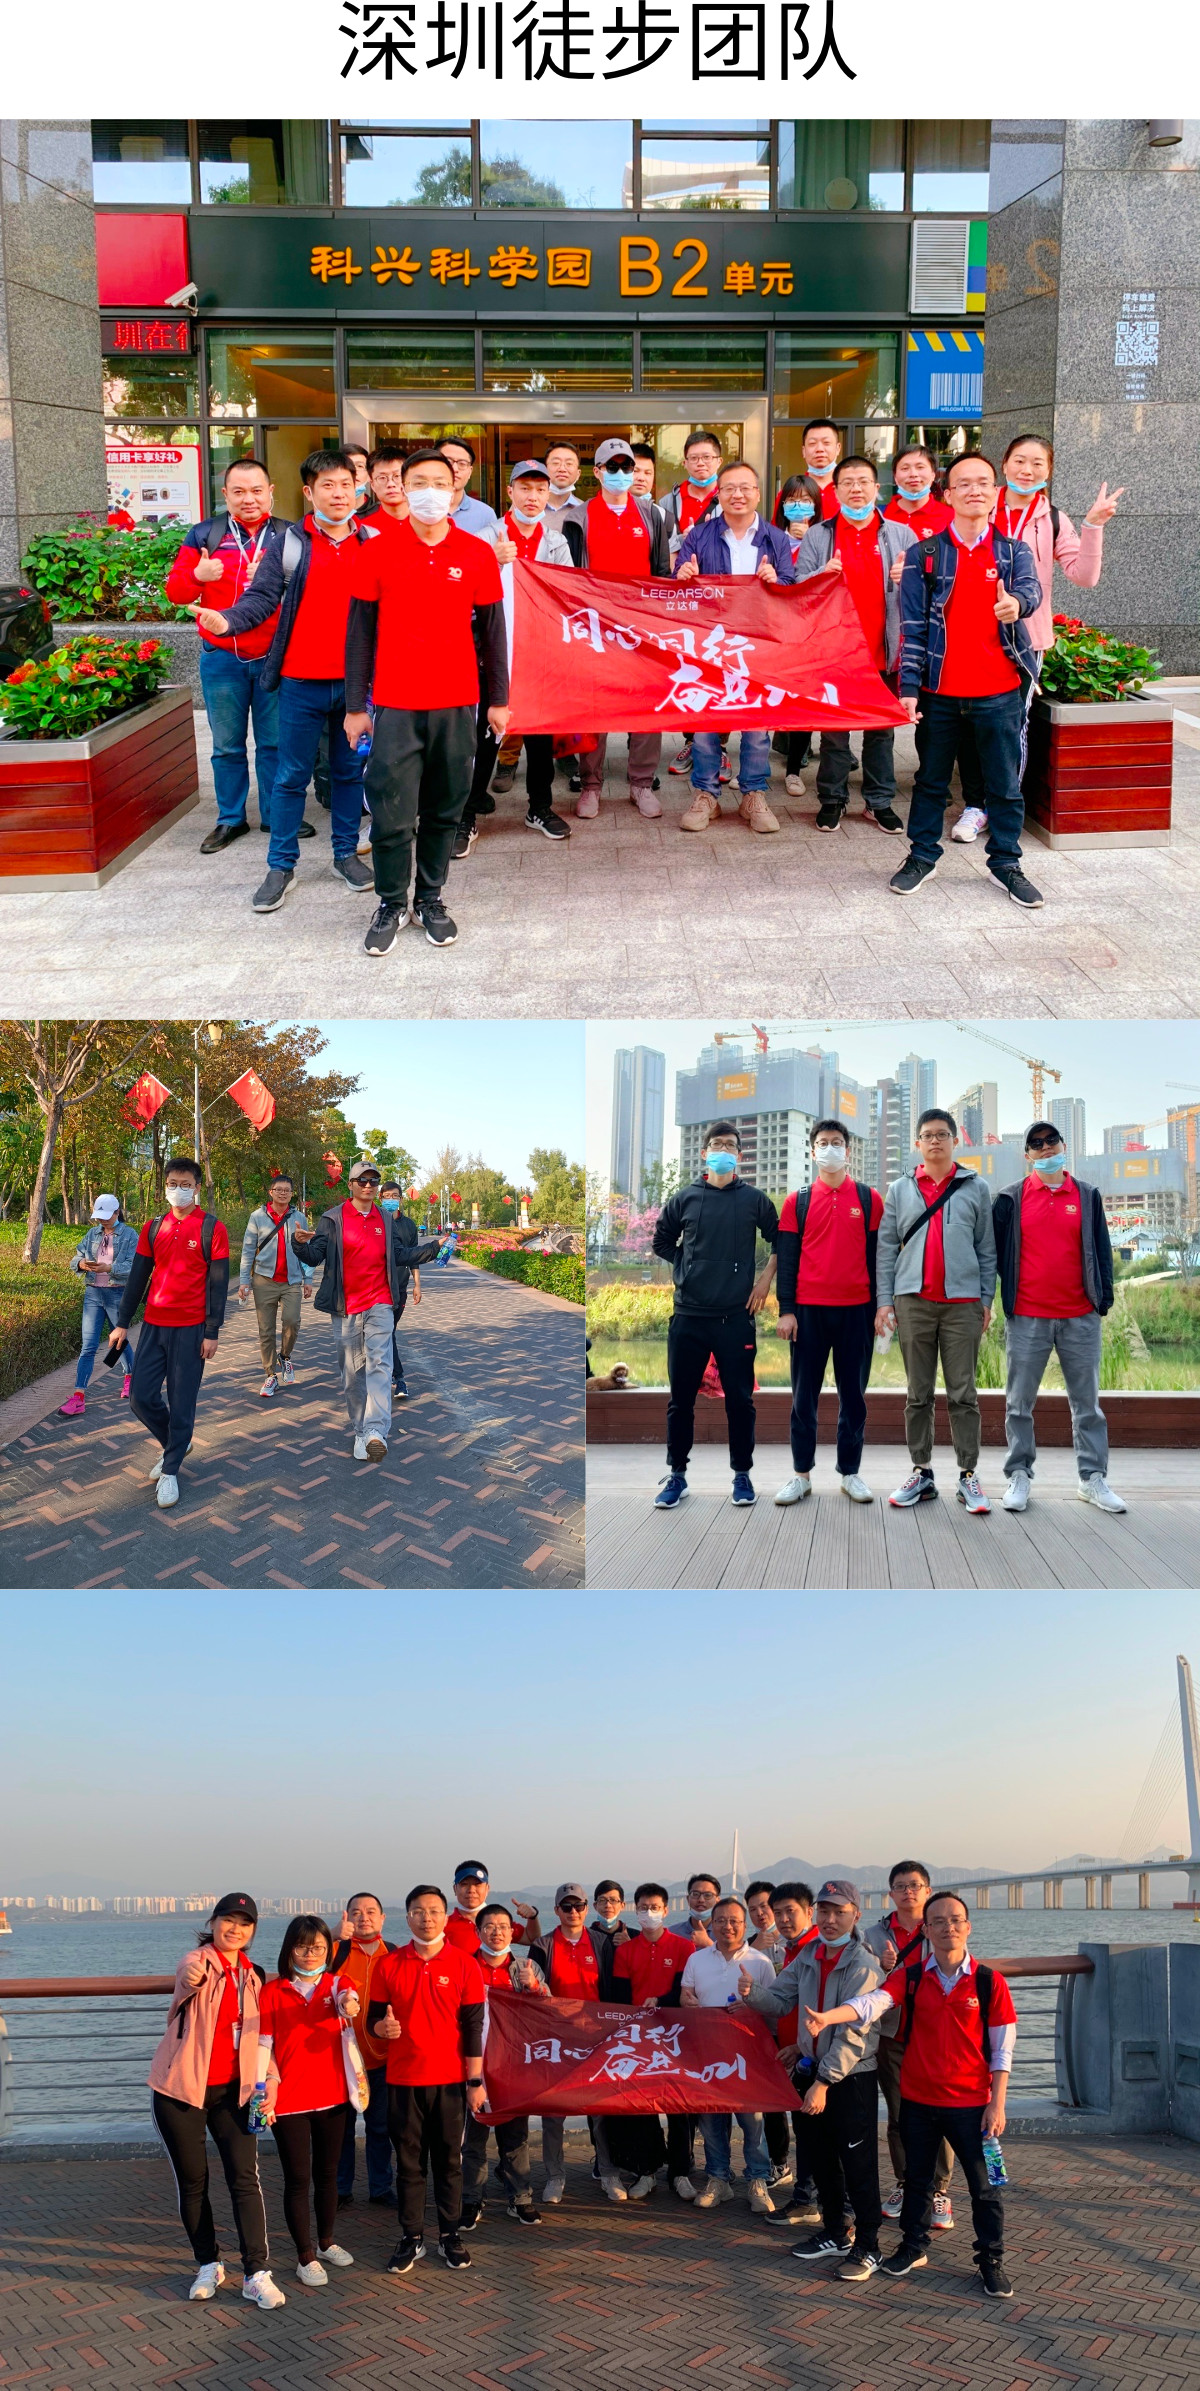 深圳.jpg